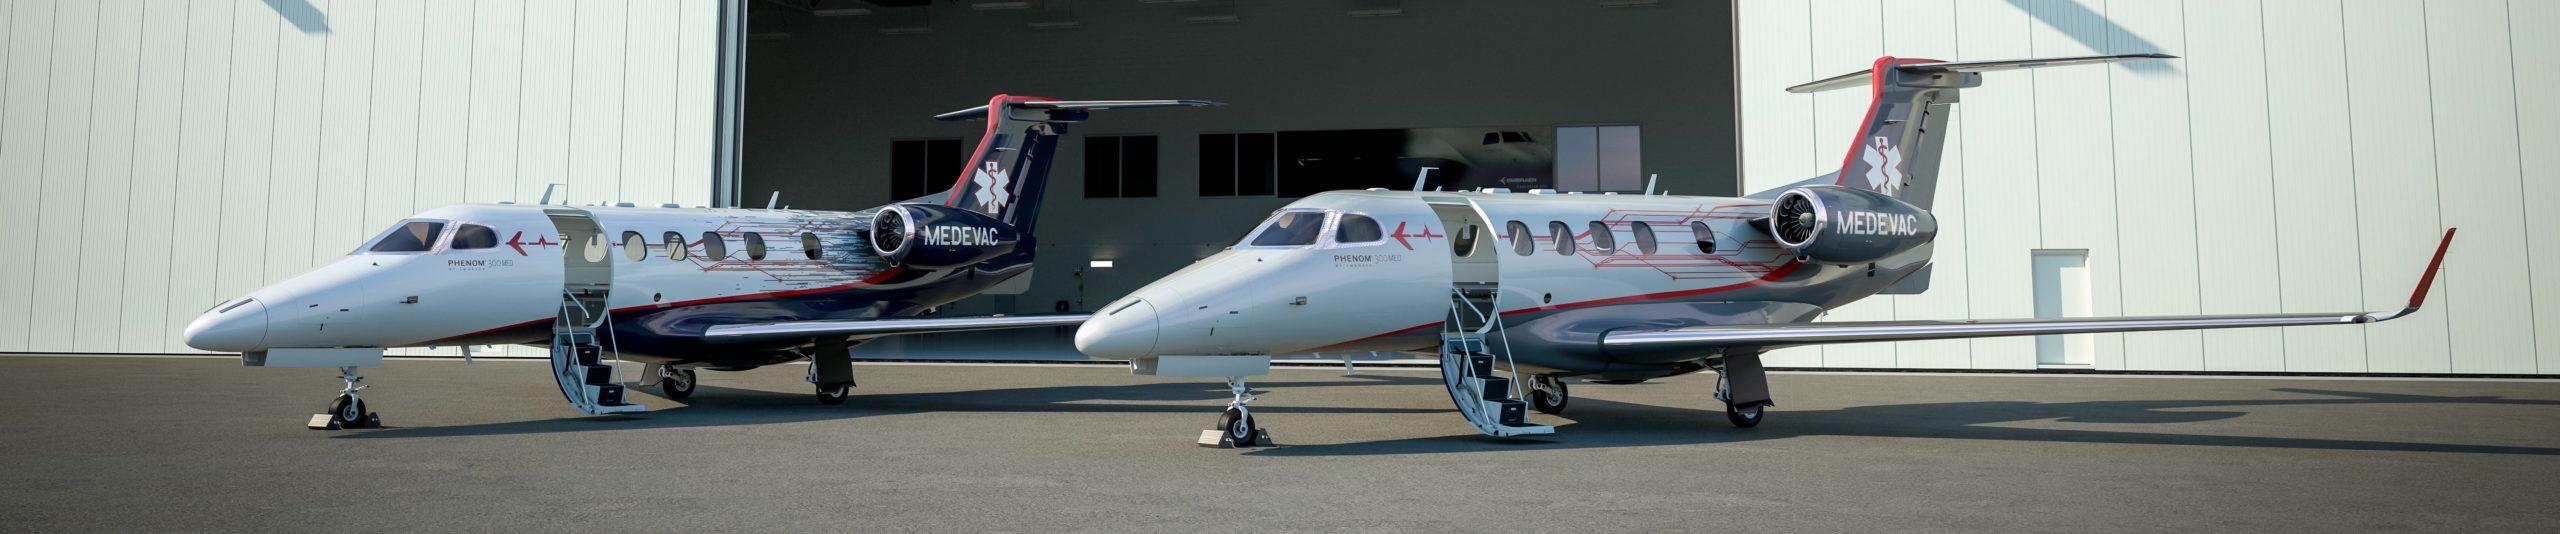 Deux Embraer Phenomm 300MED au hangar